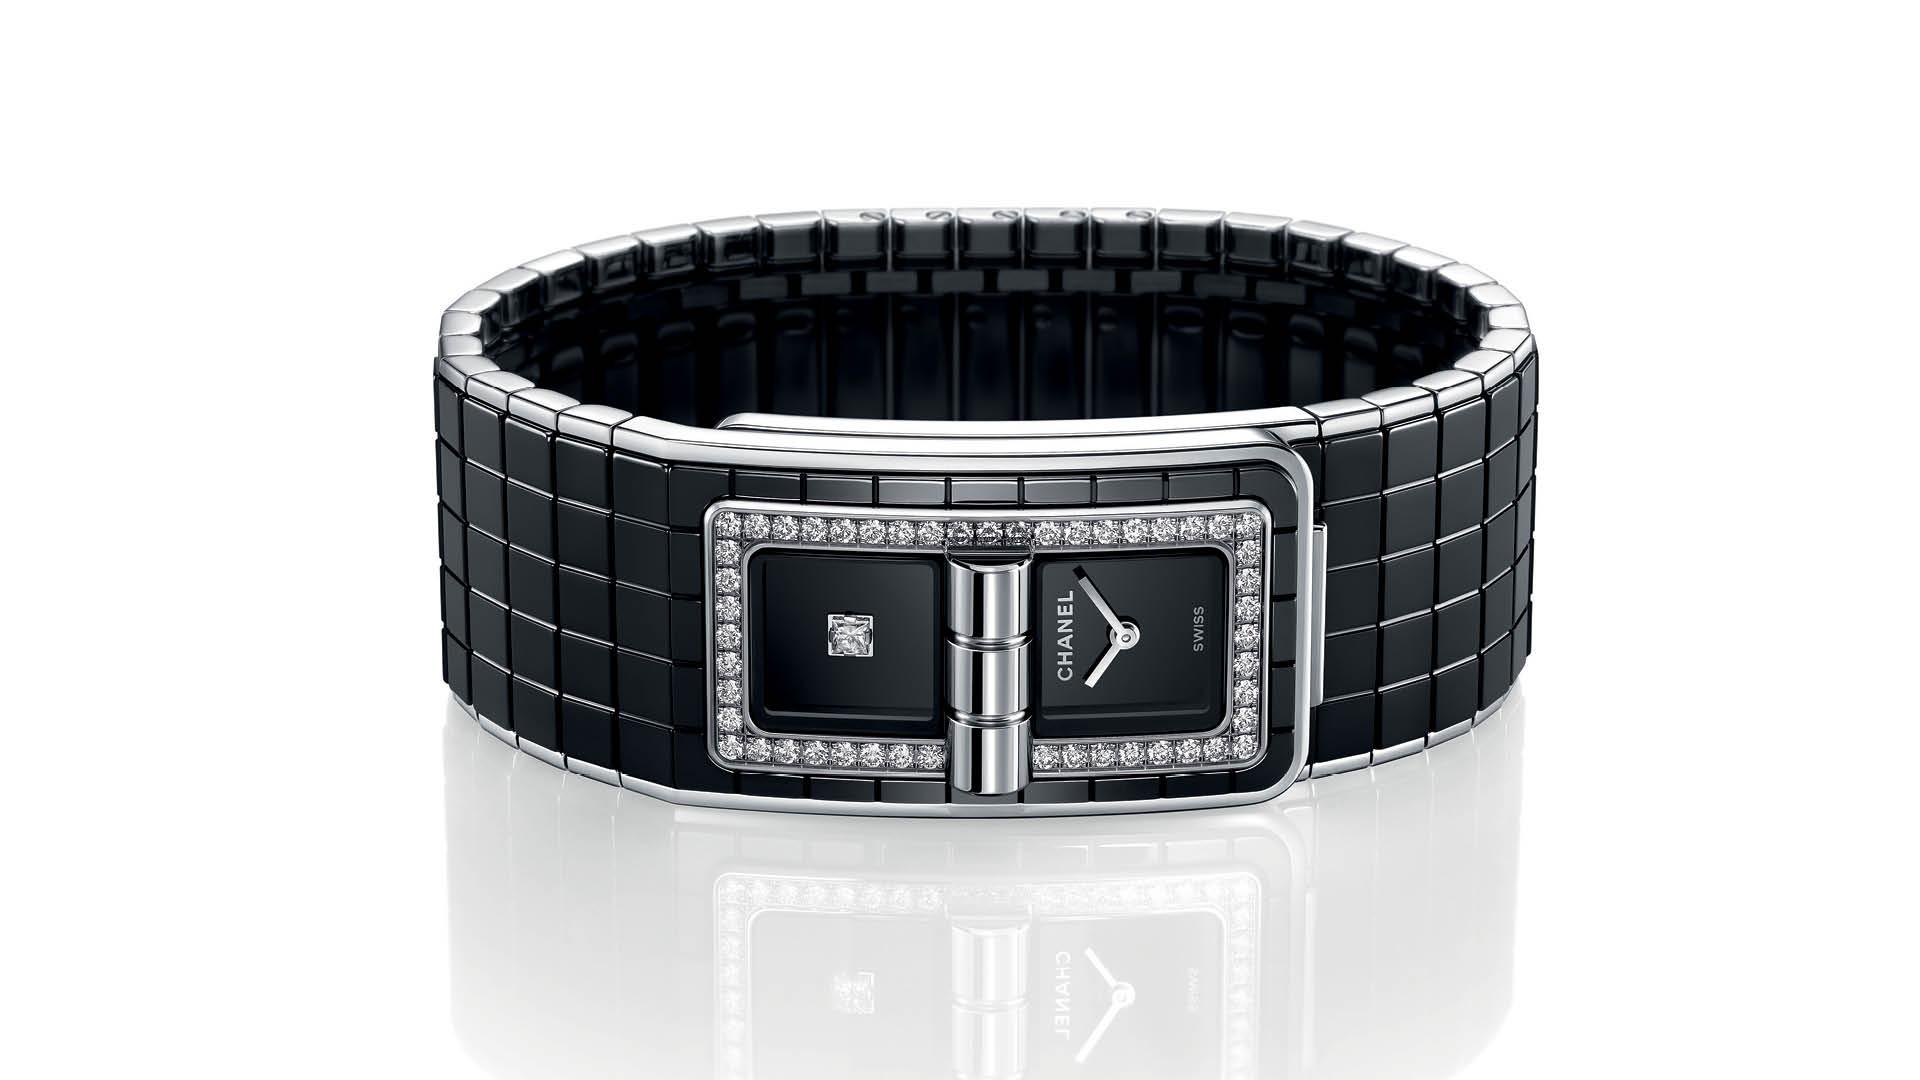 Chanel-Code-Coco-Black-Ceramic-Diamond